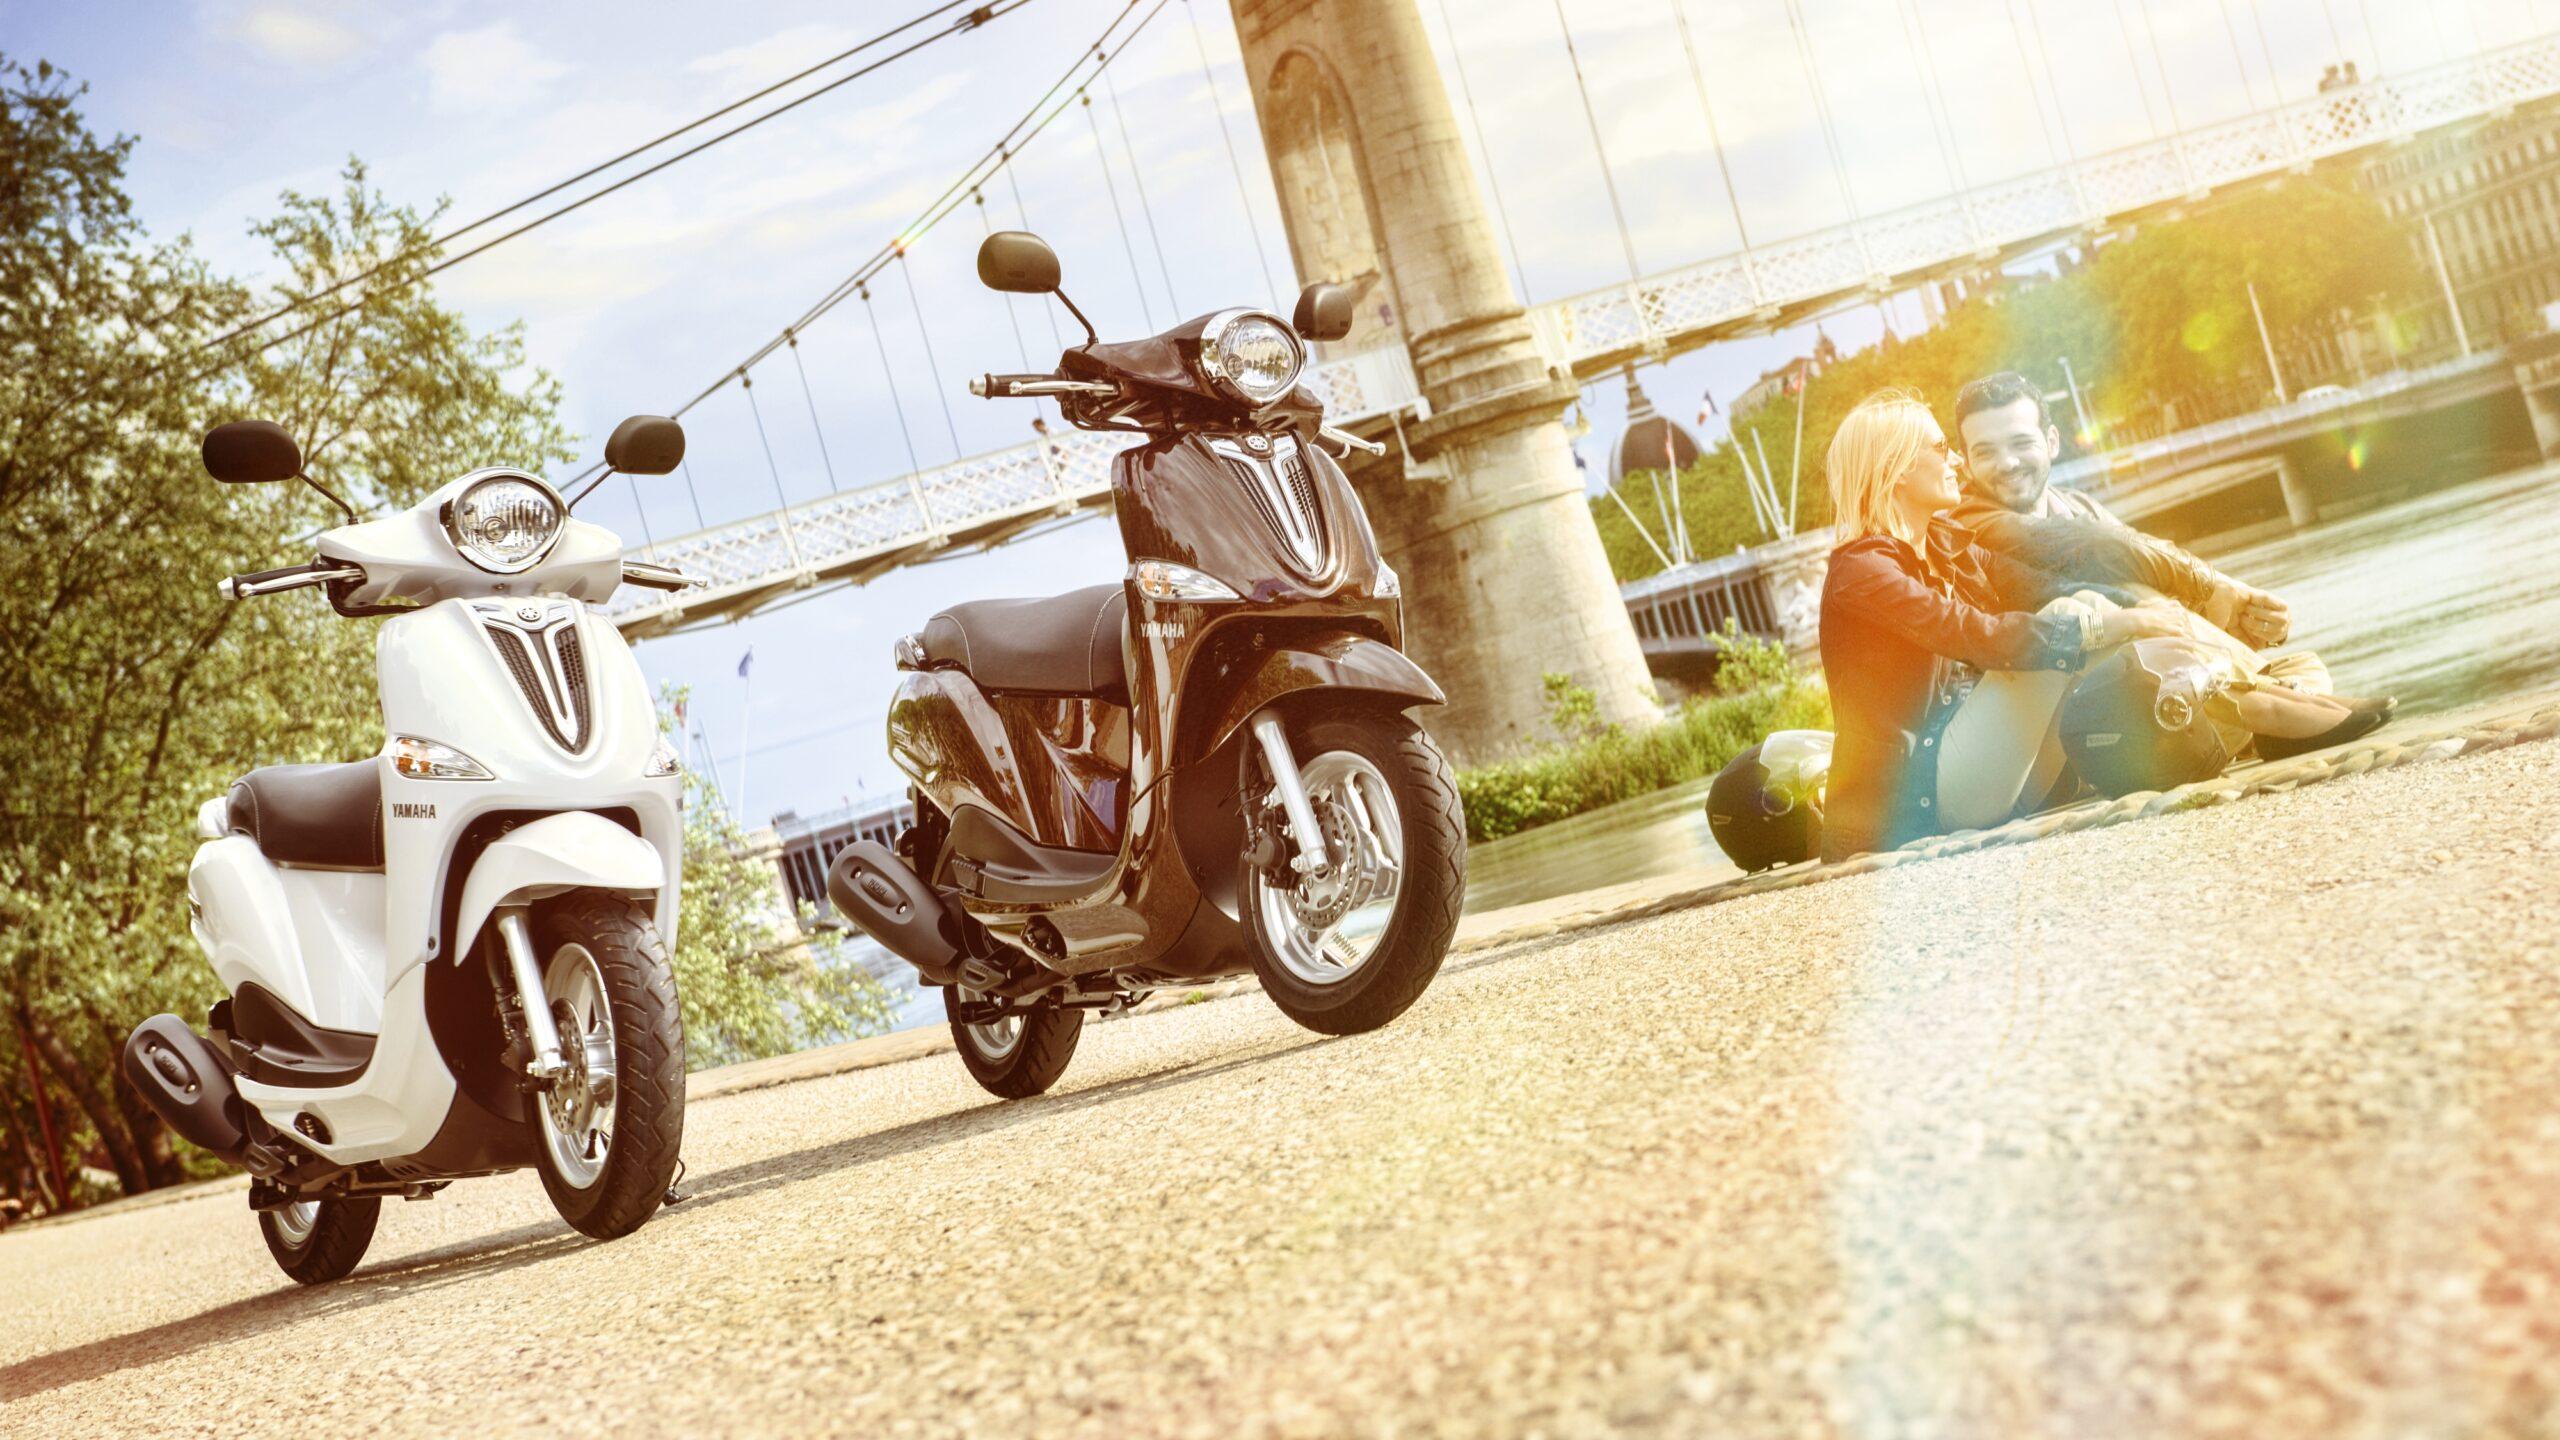 Yamaha Delight scaled